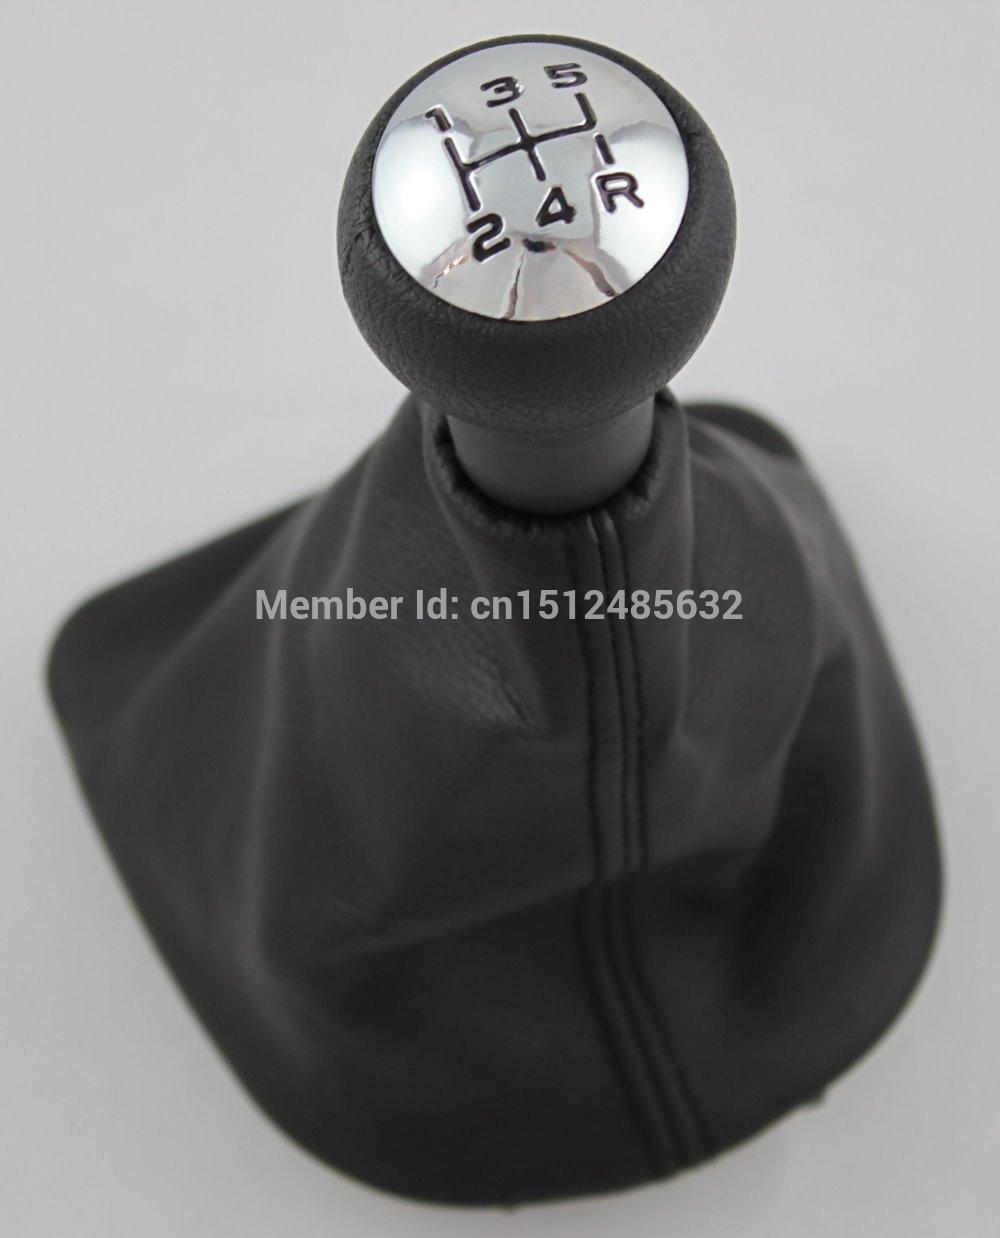 Ручка для КПП 5 Peugeot 207 307 307 406 308 peugeot 307 1 6 hdi